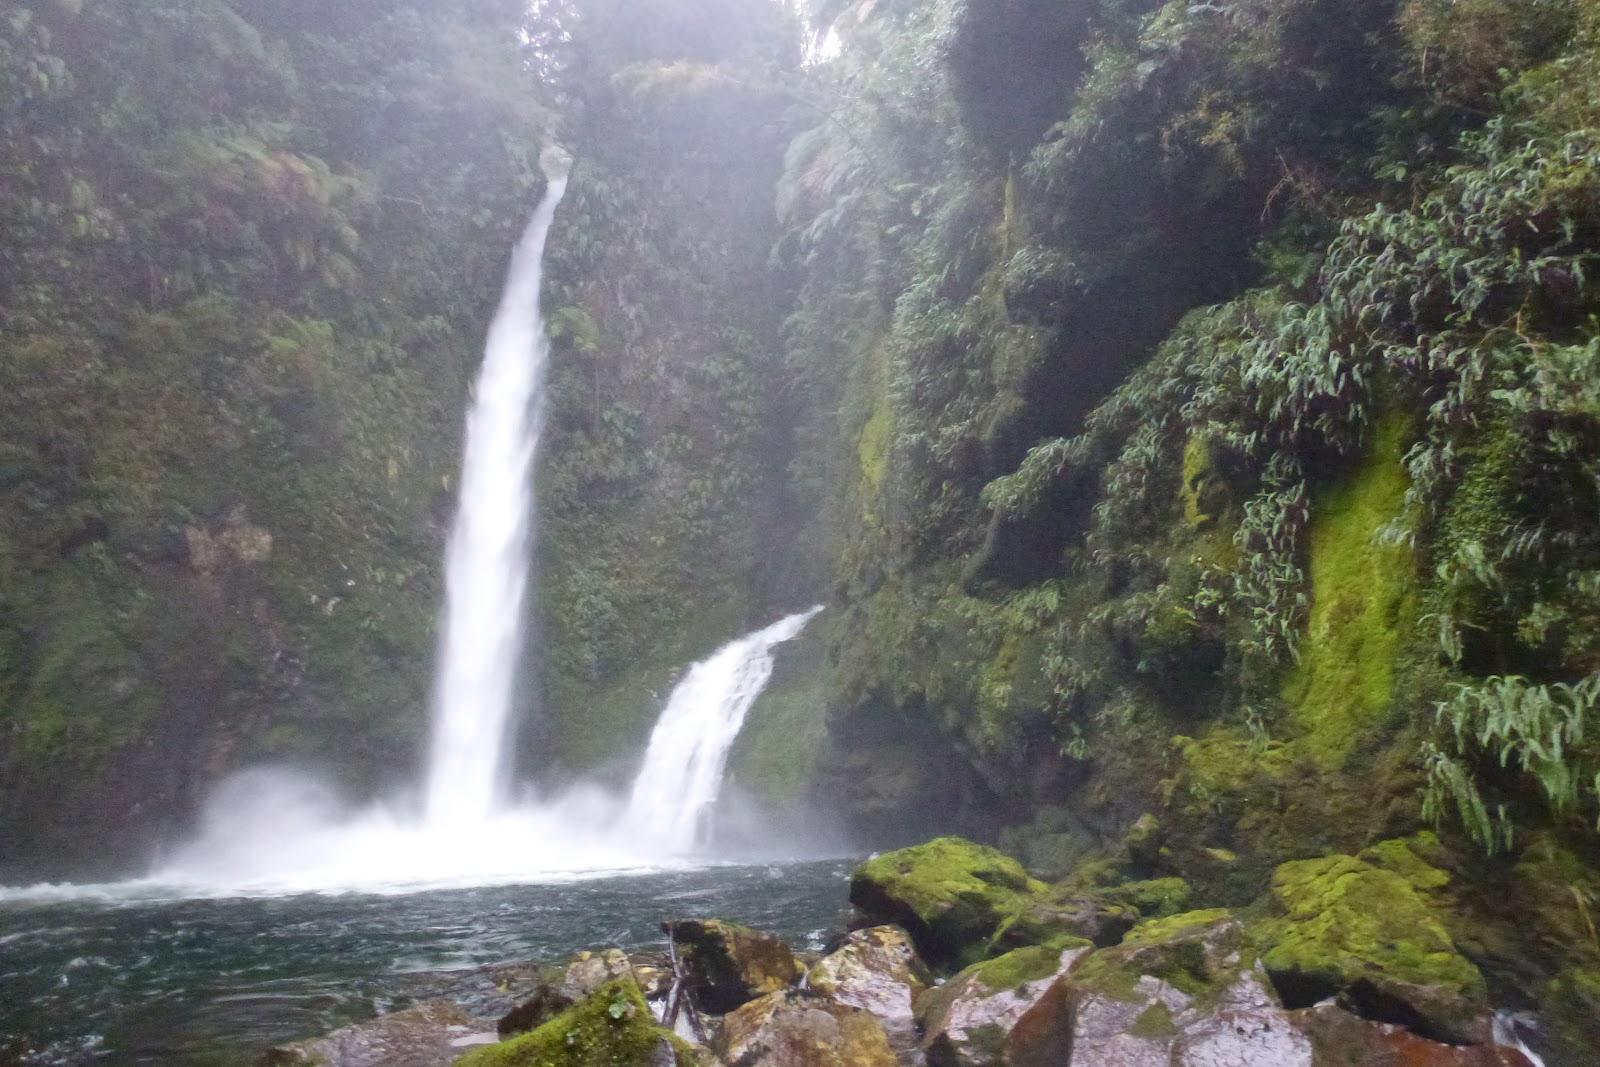 Viajeros En Chile 2012  Etapa 3  Chait U00e9n  Pn Pumal U00edn